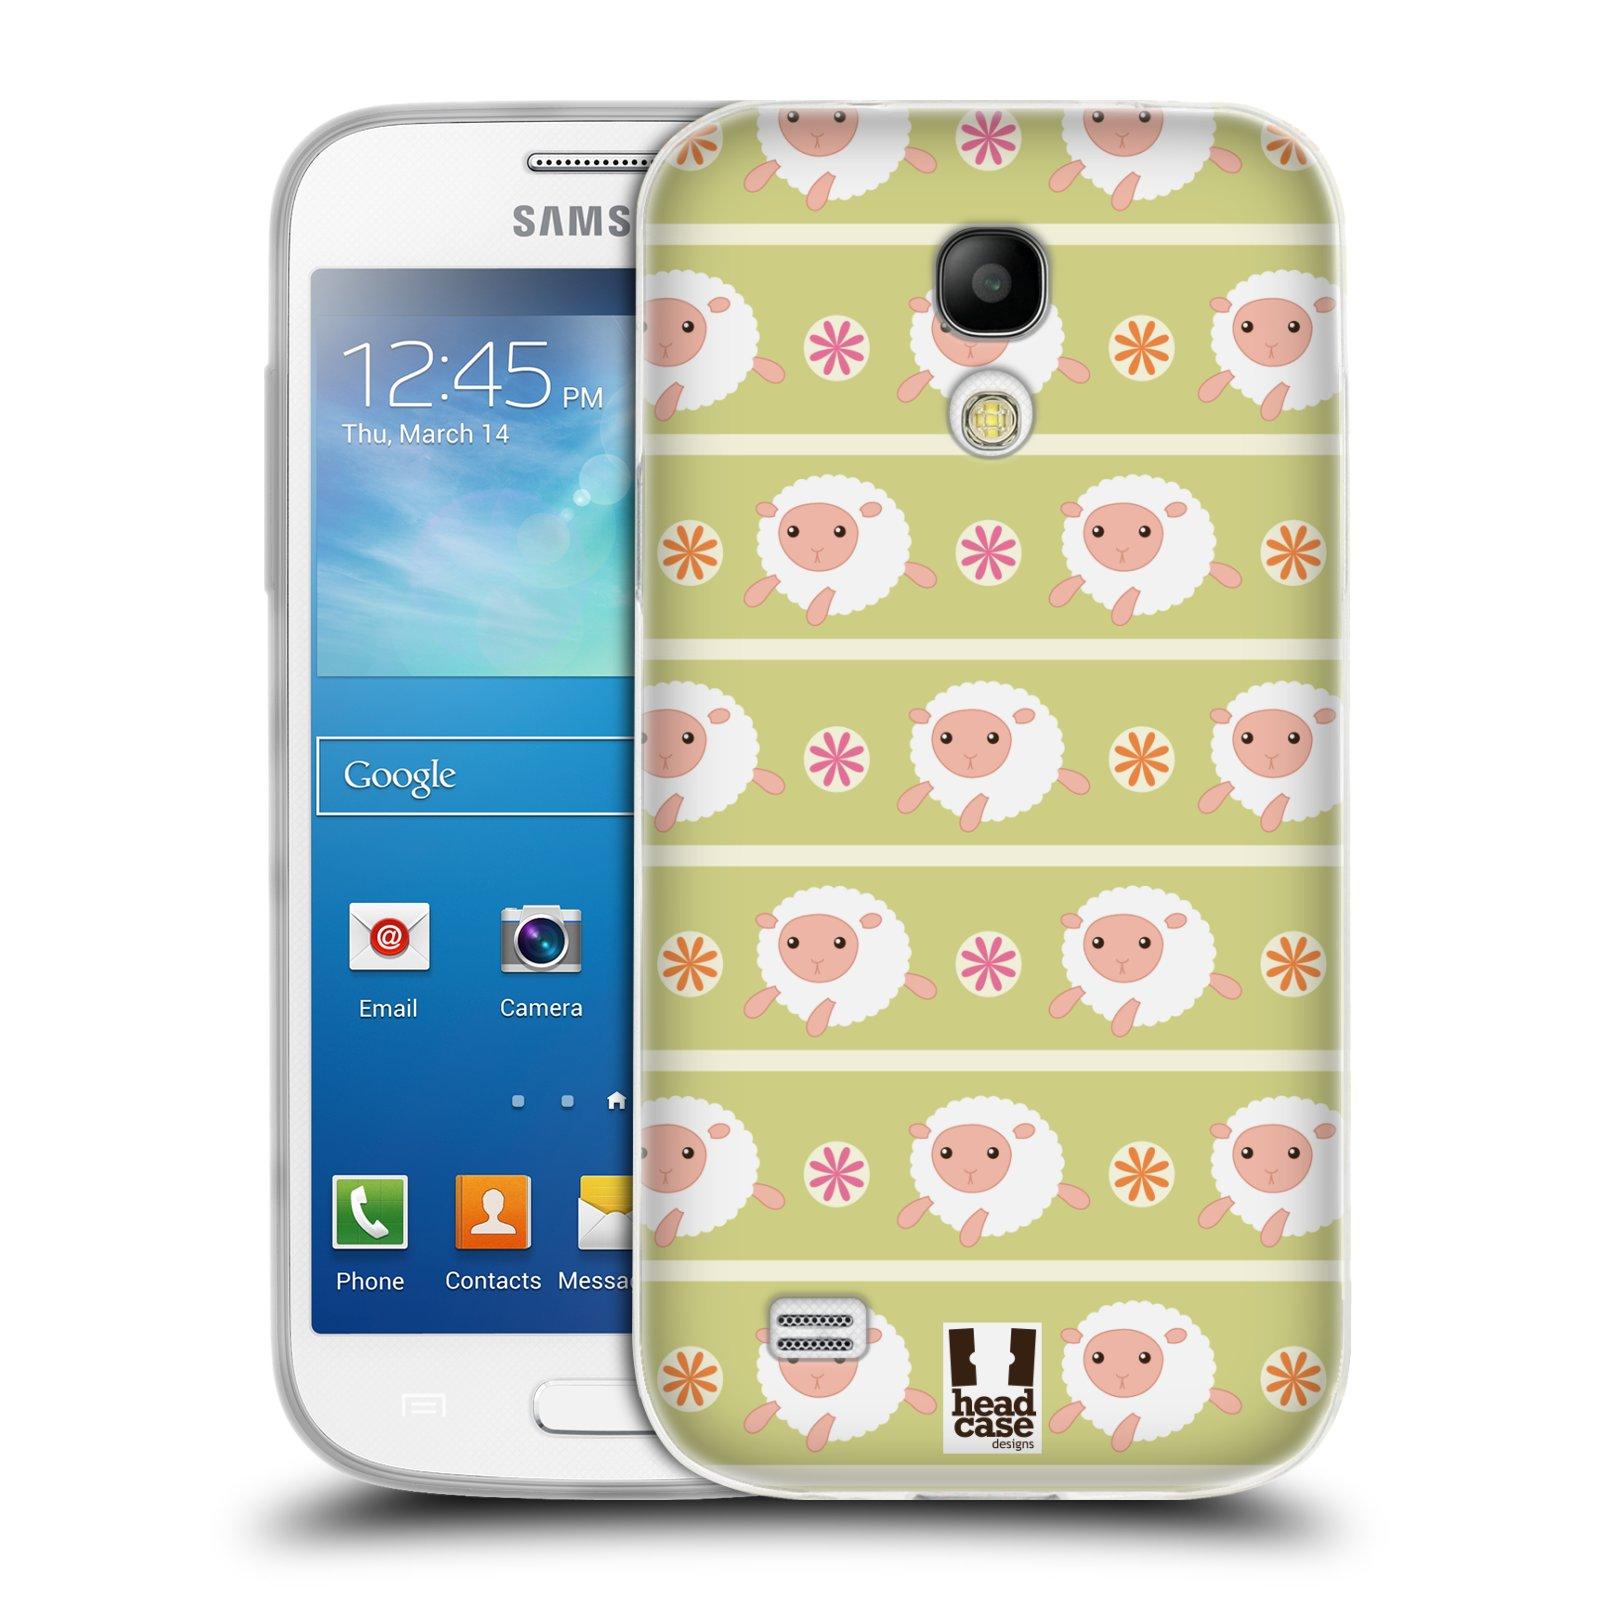 HEAD CASE silikonový obal na mobil Samsung Galaxy S4 MINI vzor roztomilé zvířecí vzory ovečky